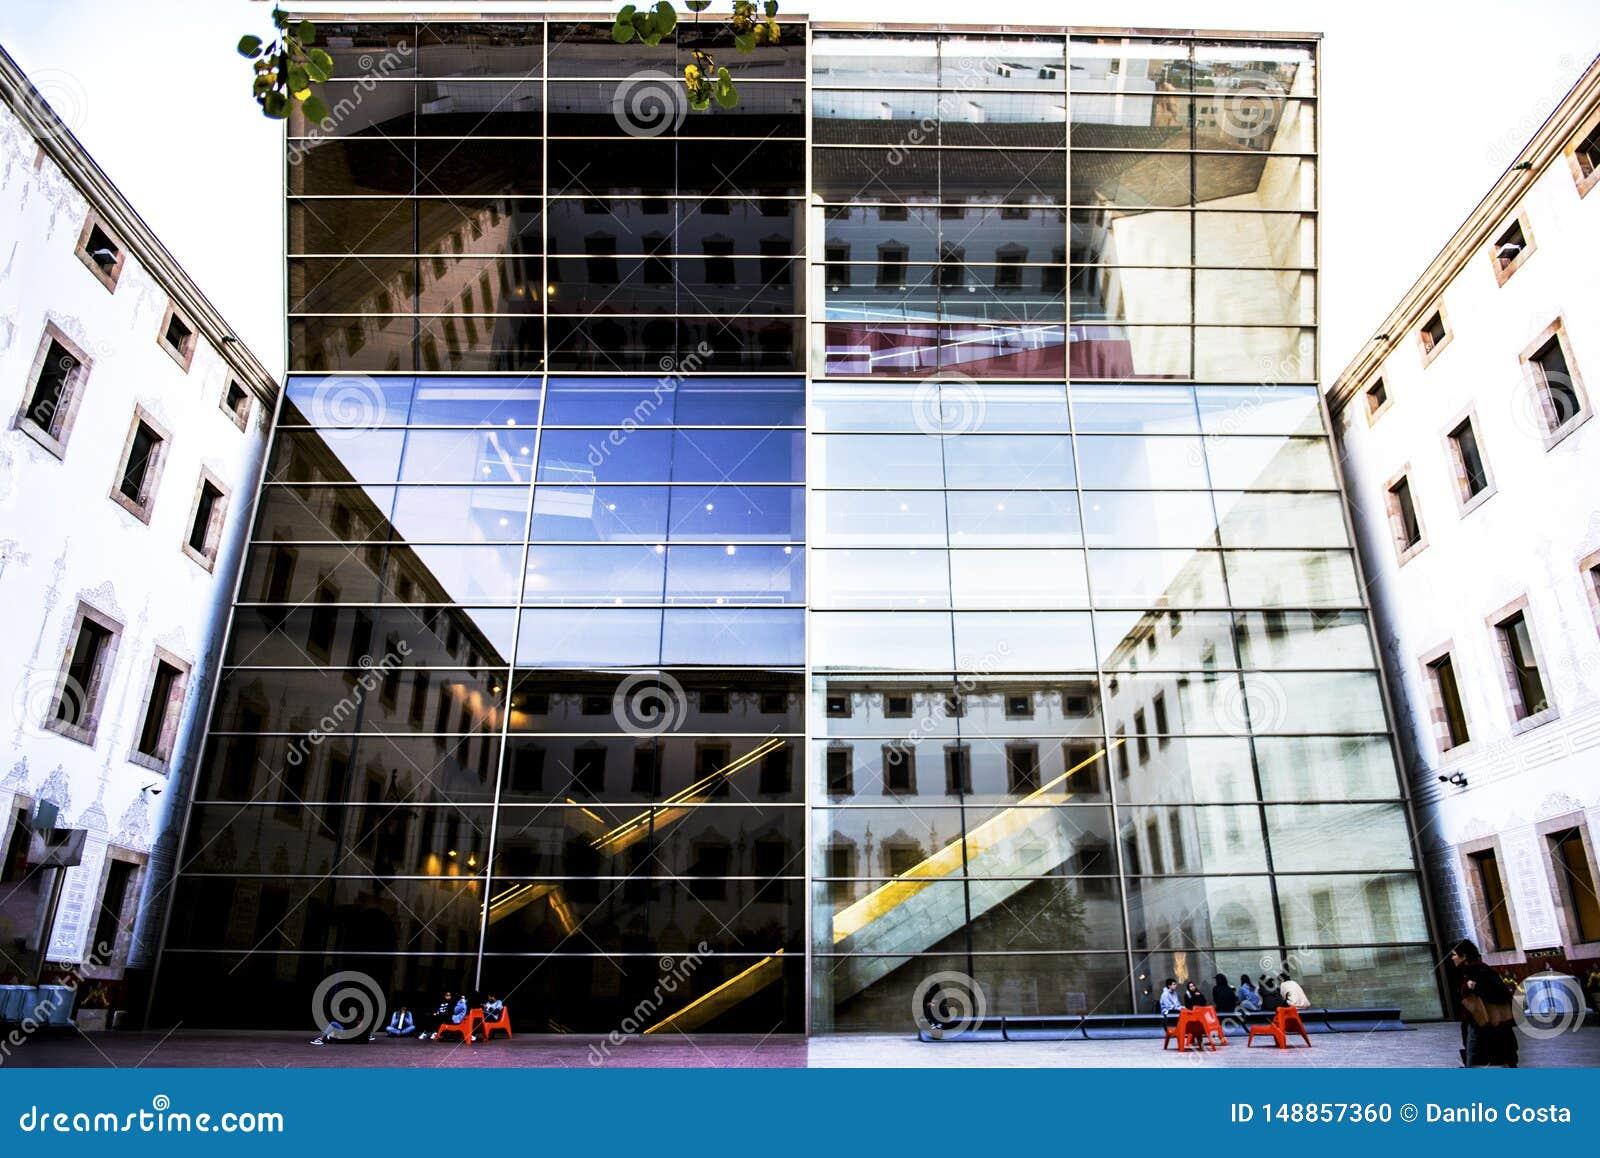 Espanha de Barcelona, construindo com vidro espelhado